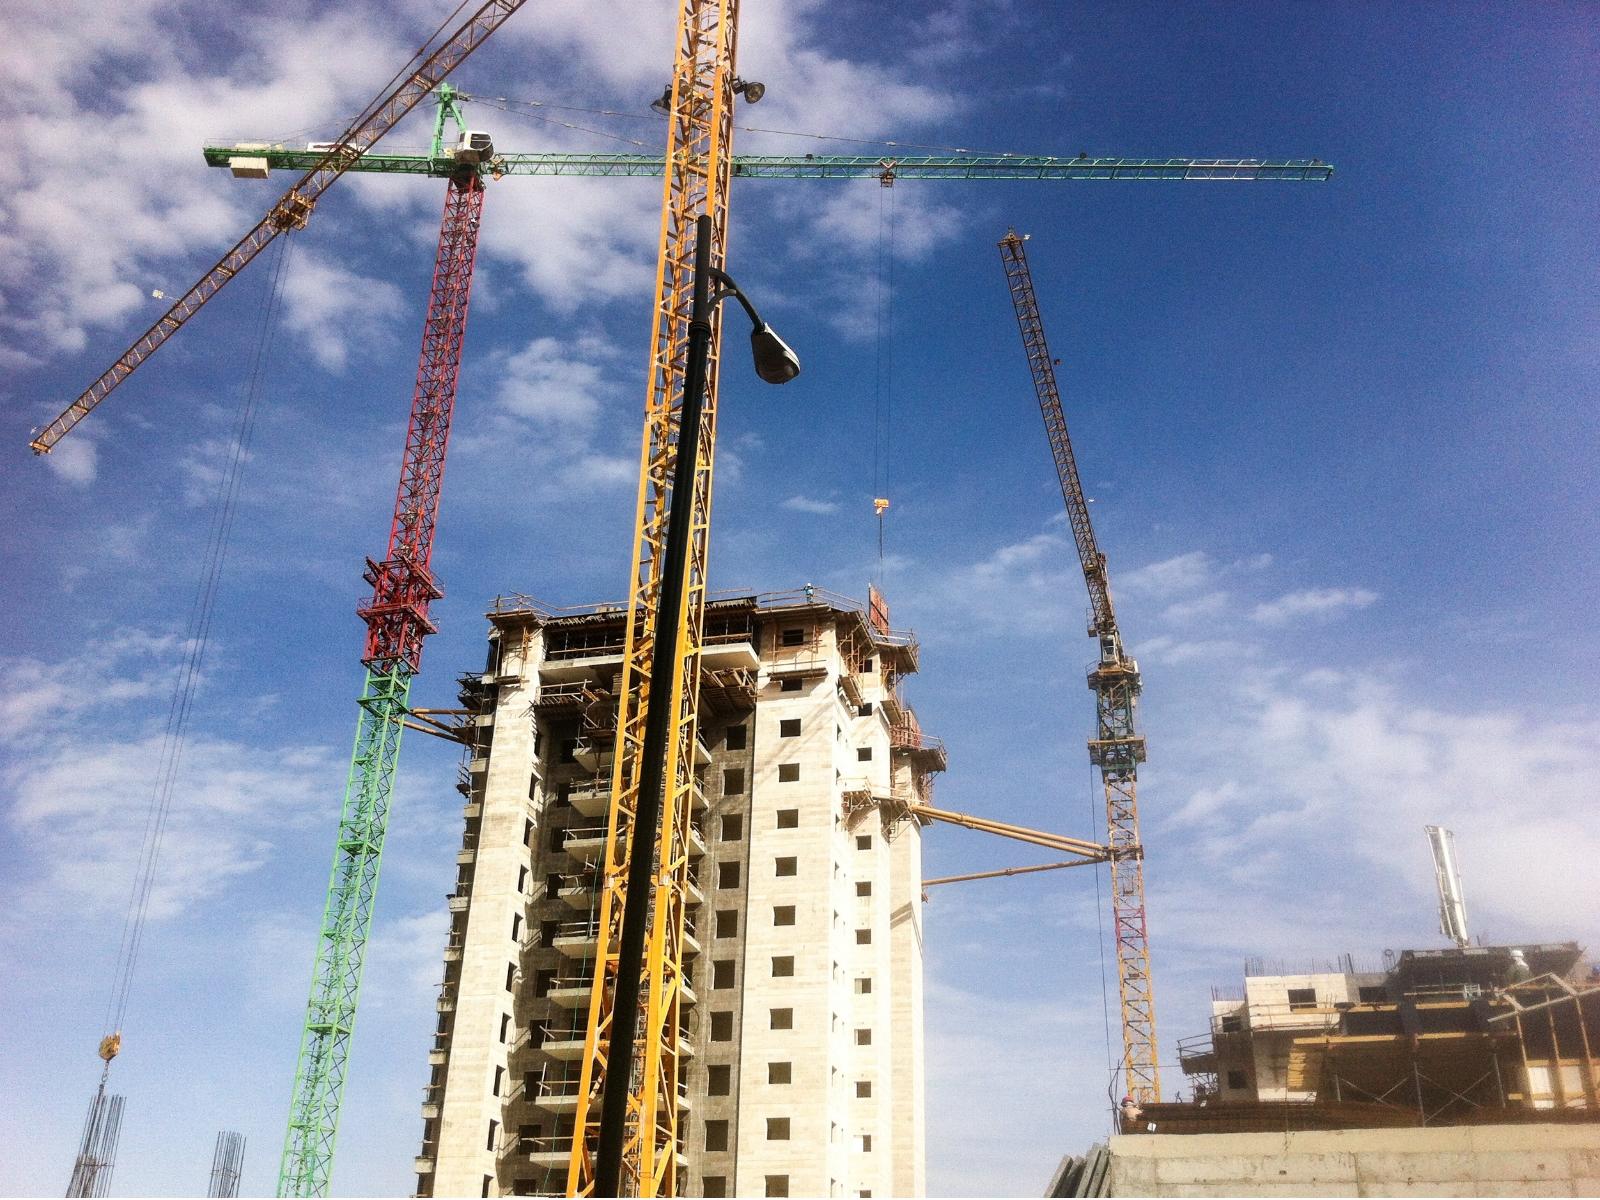 Башенные краны при строительстве многоэтажного дома